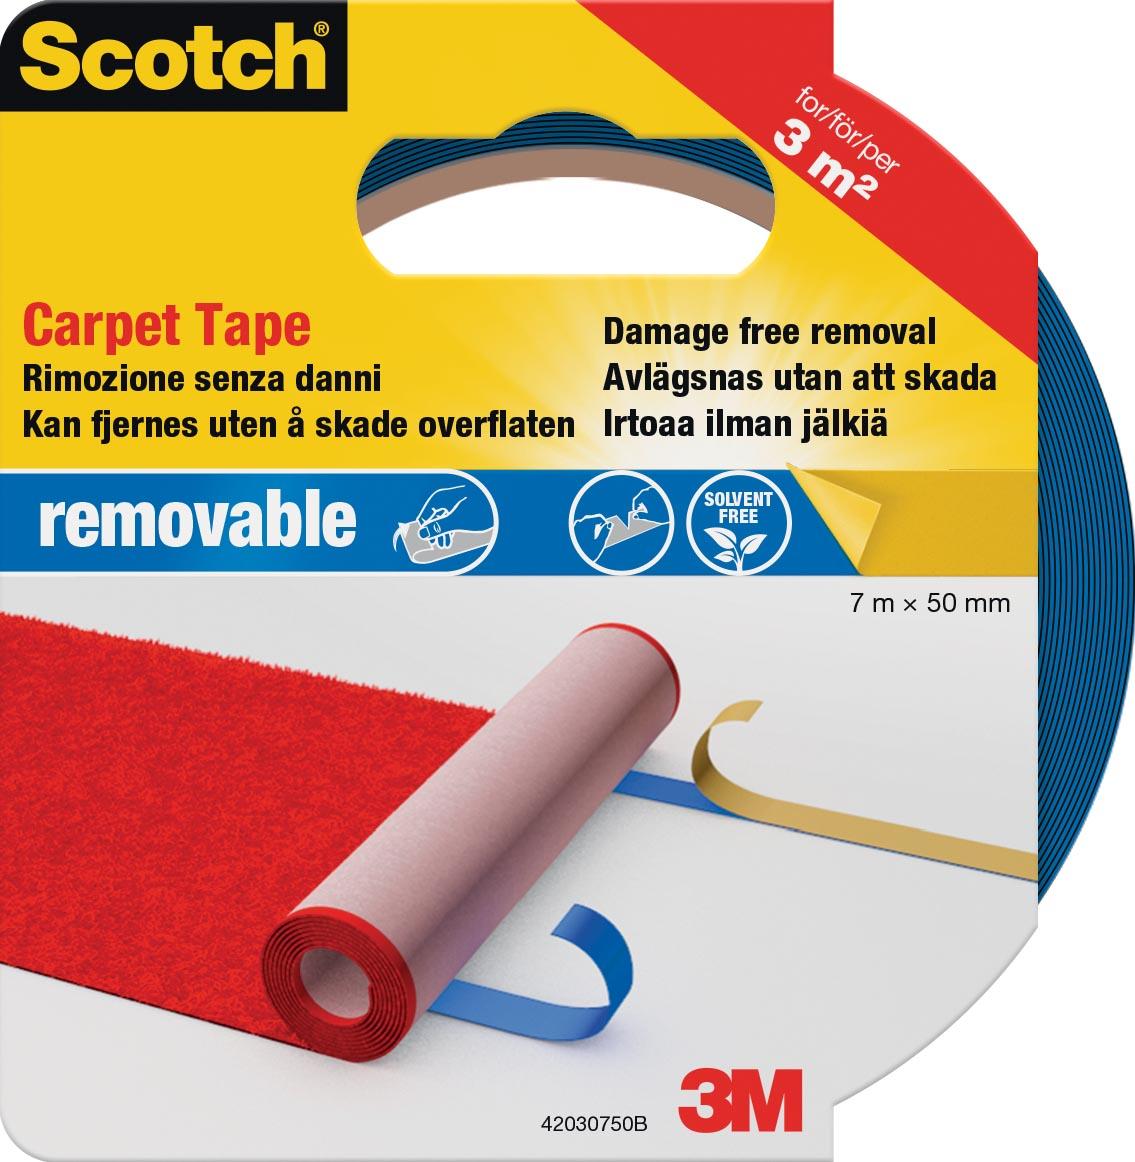 Scotch verwijderbare tapijttape, ft 50 mm x 7 m, op blister